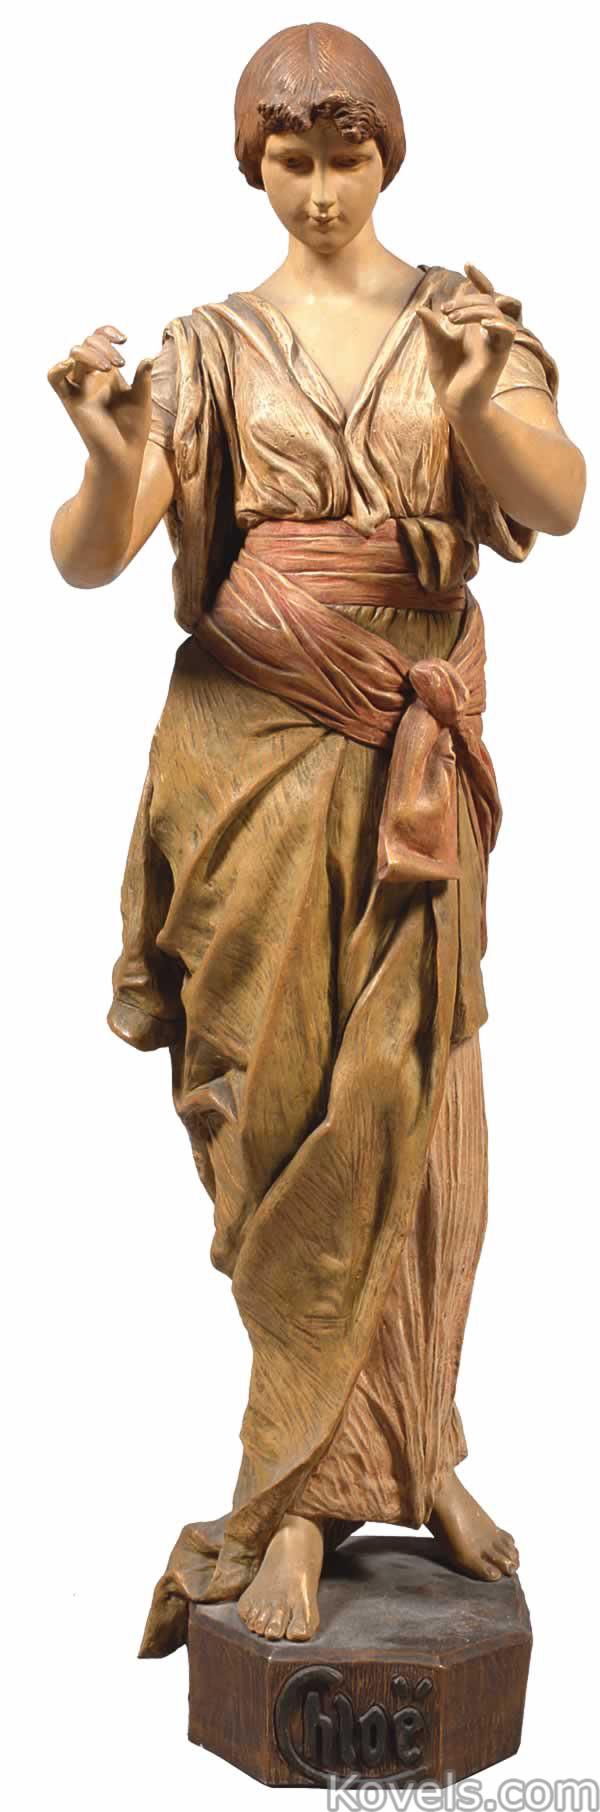 goldscheider-figurine-chloe-maiden-terra-cotta-du011615-1101.jpg